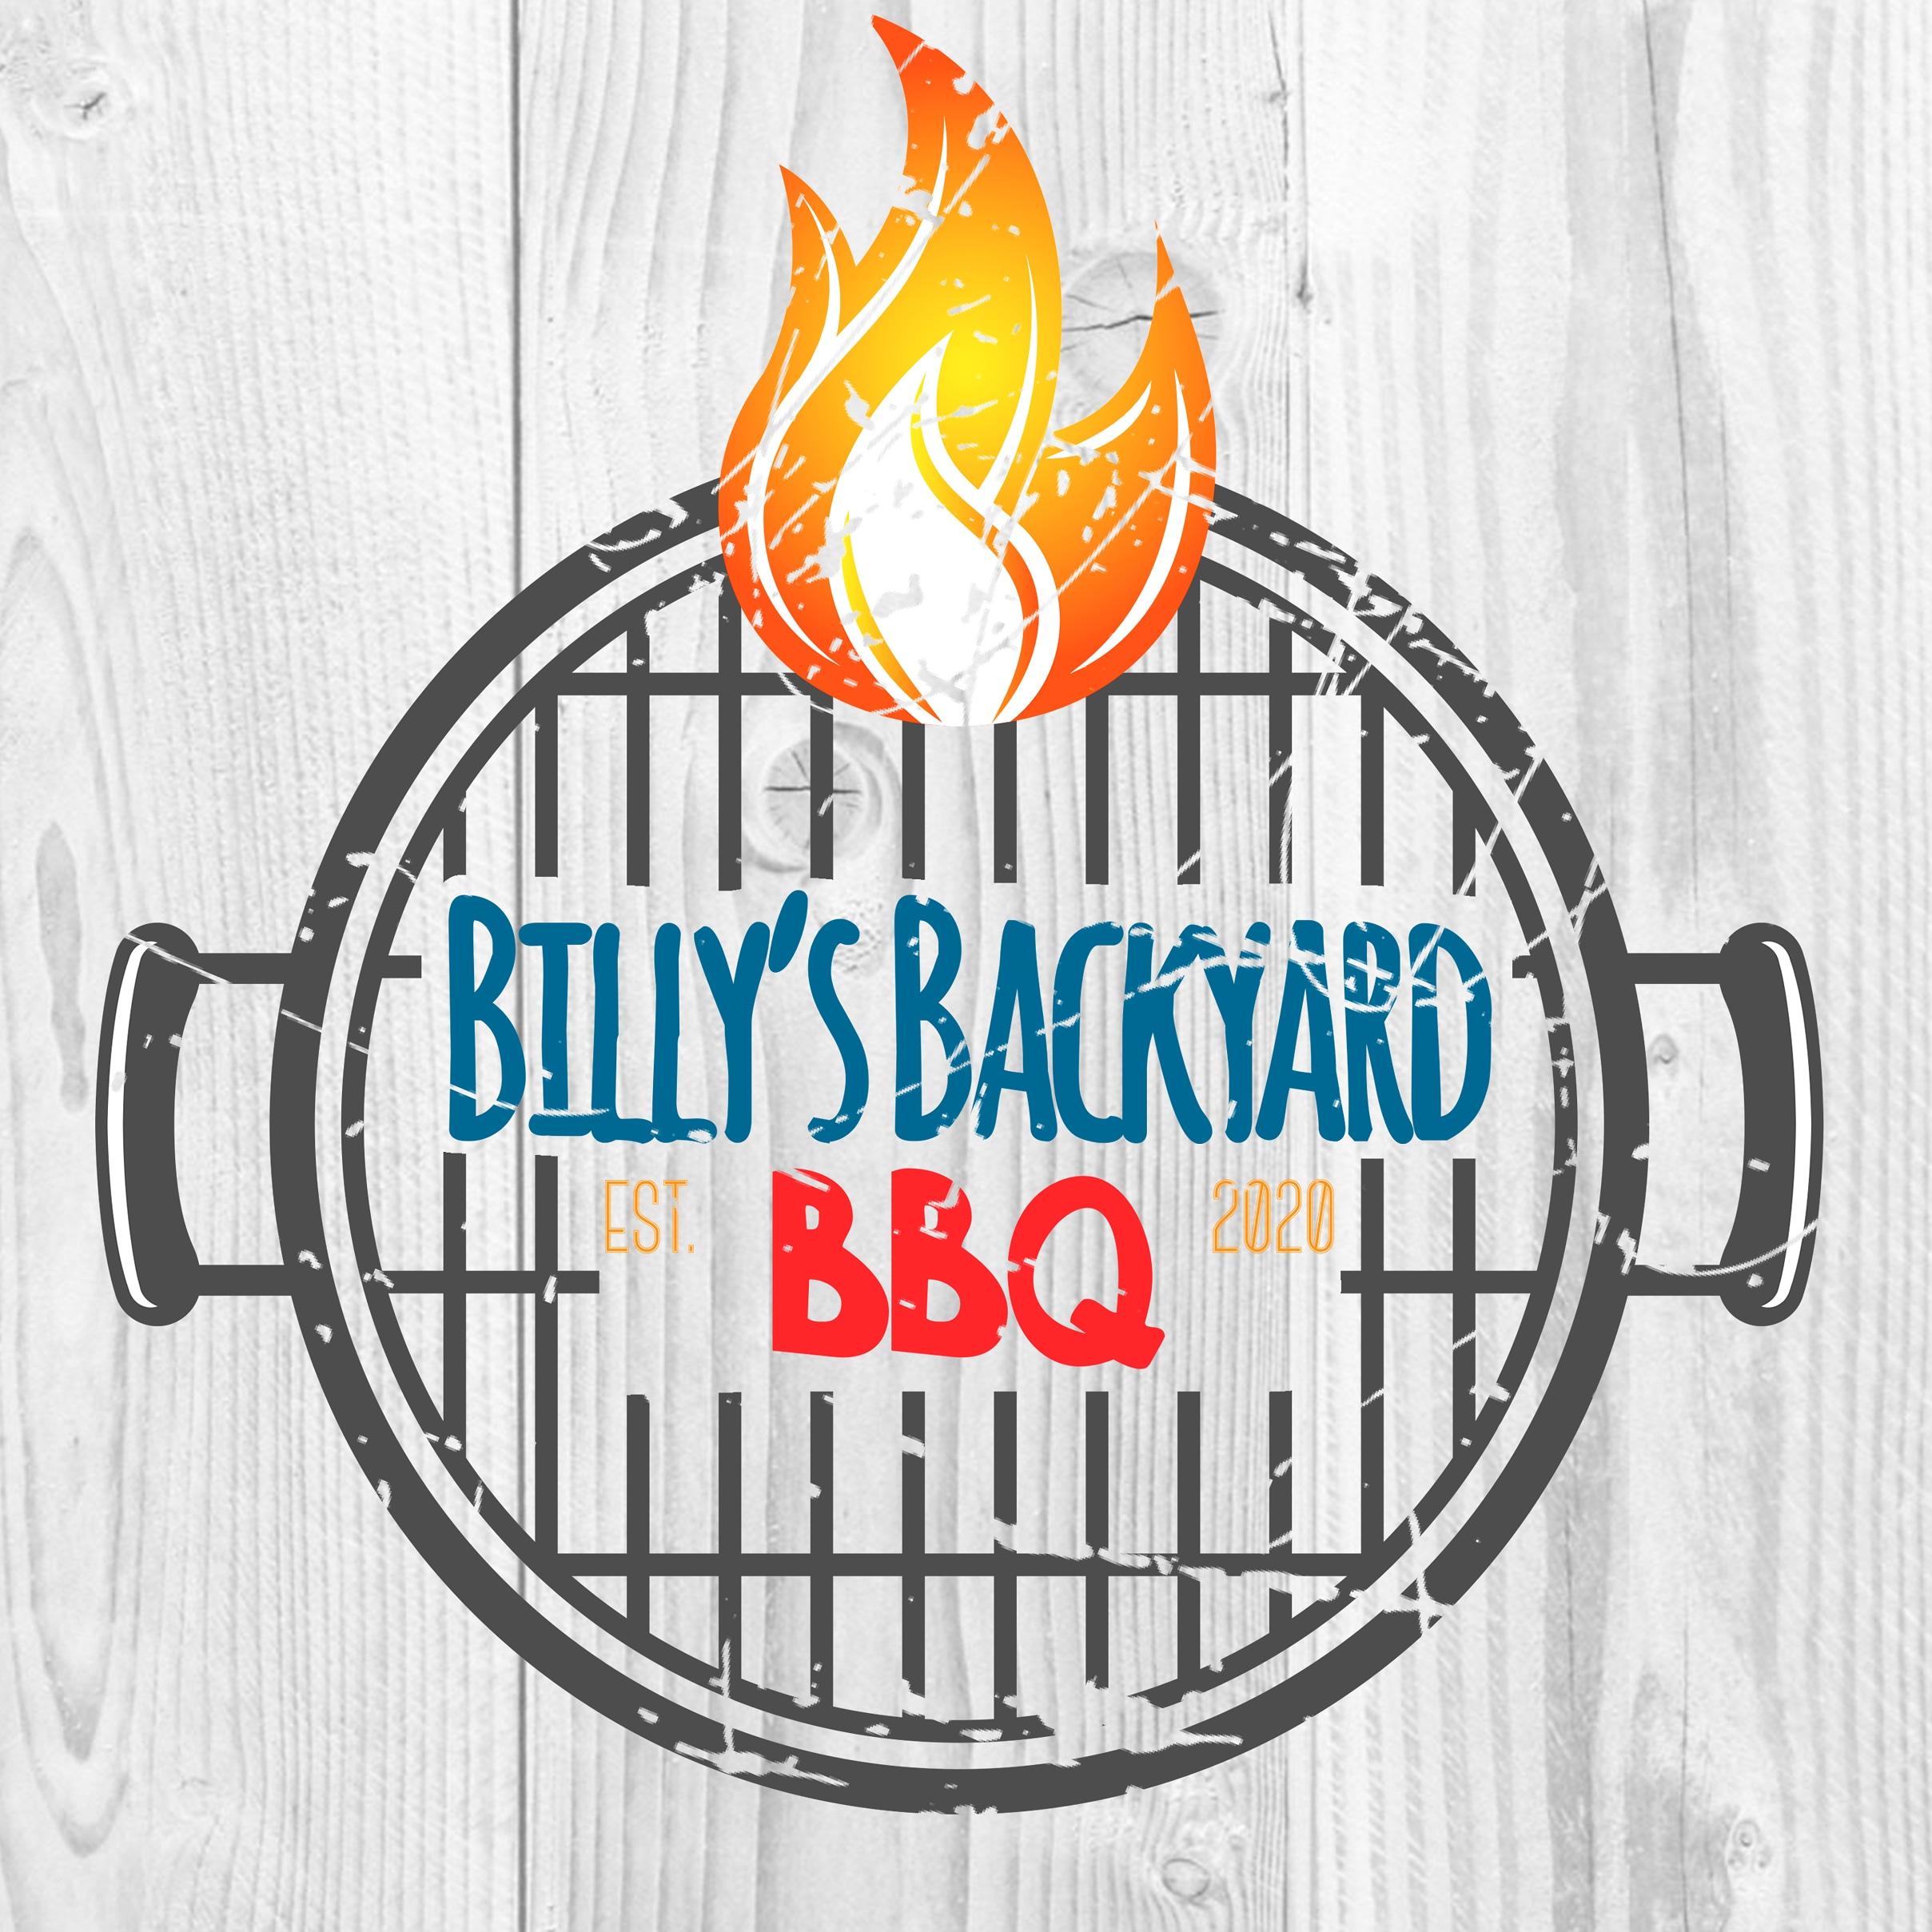 Billy's Backyard BBQ